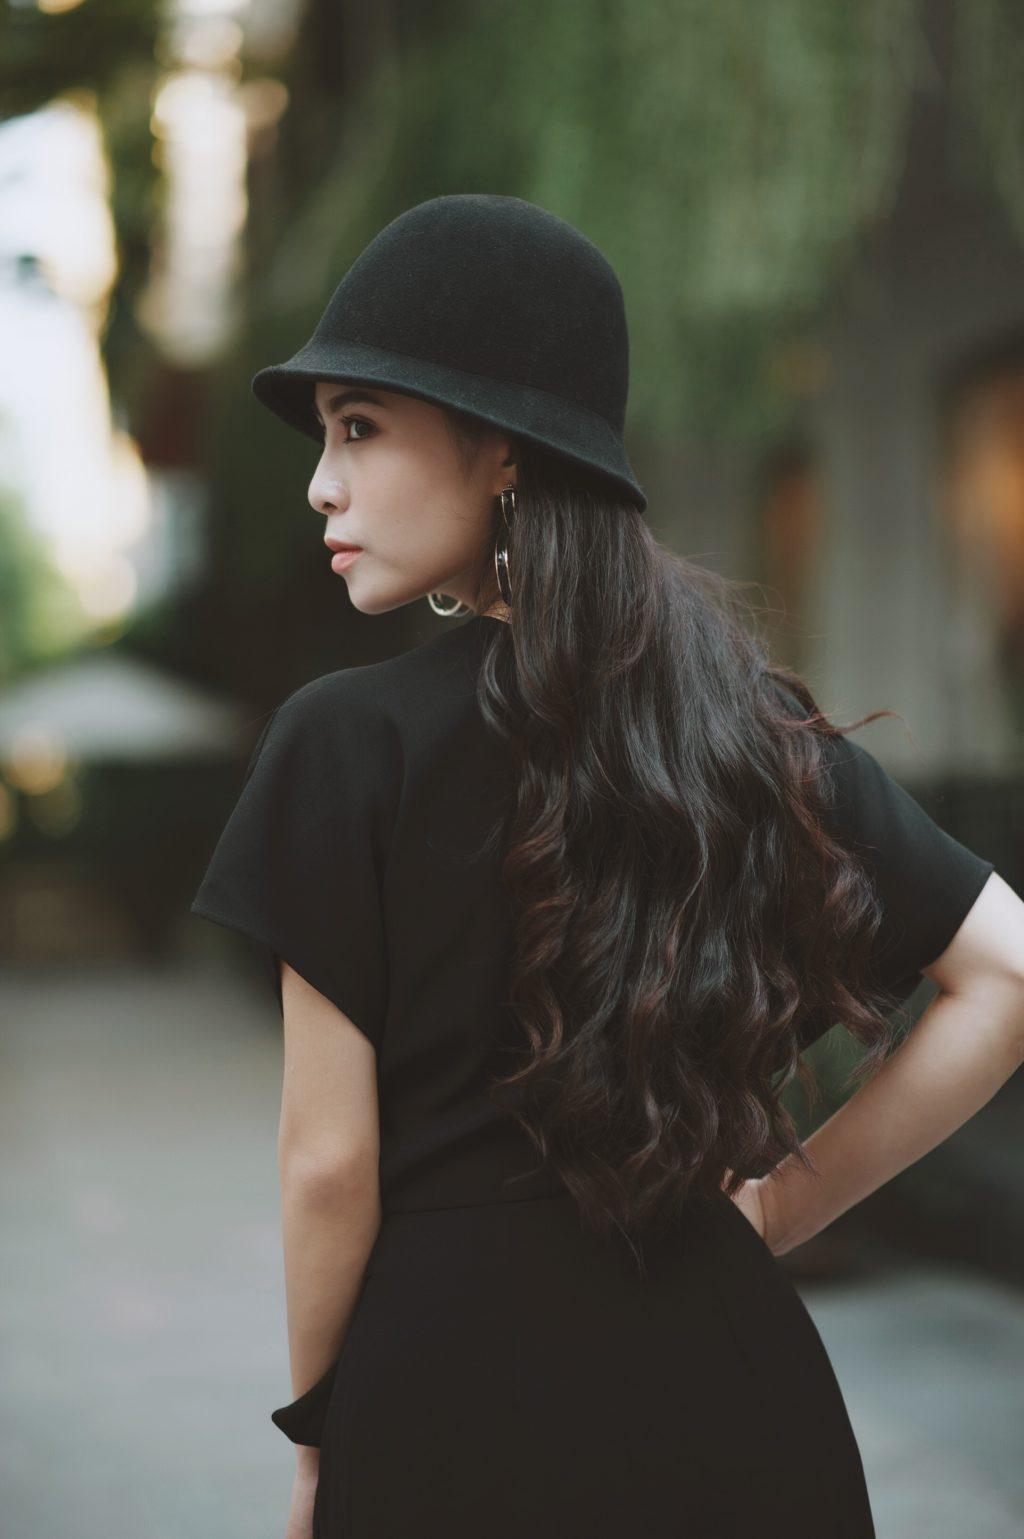 """Kết hợp với nhạc sĩ Khắc Hưng, Kiều Anh đang muốn khán giả sẽ công nhận hình ảnh một """"ca - pop"""" mà cô đang hướng tới."""